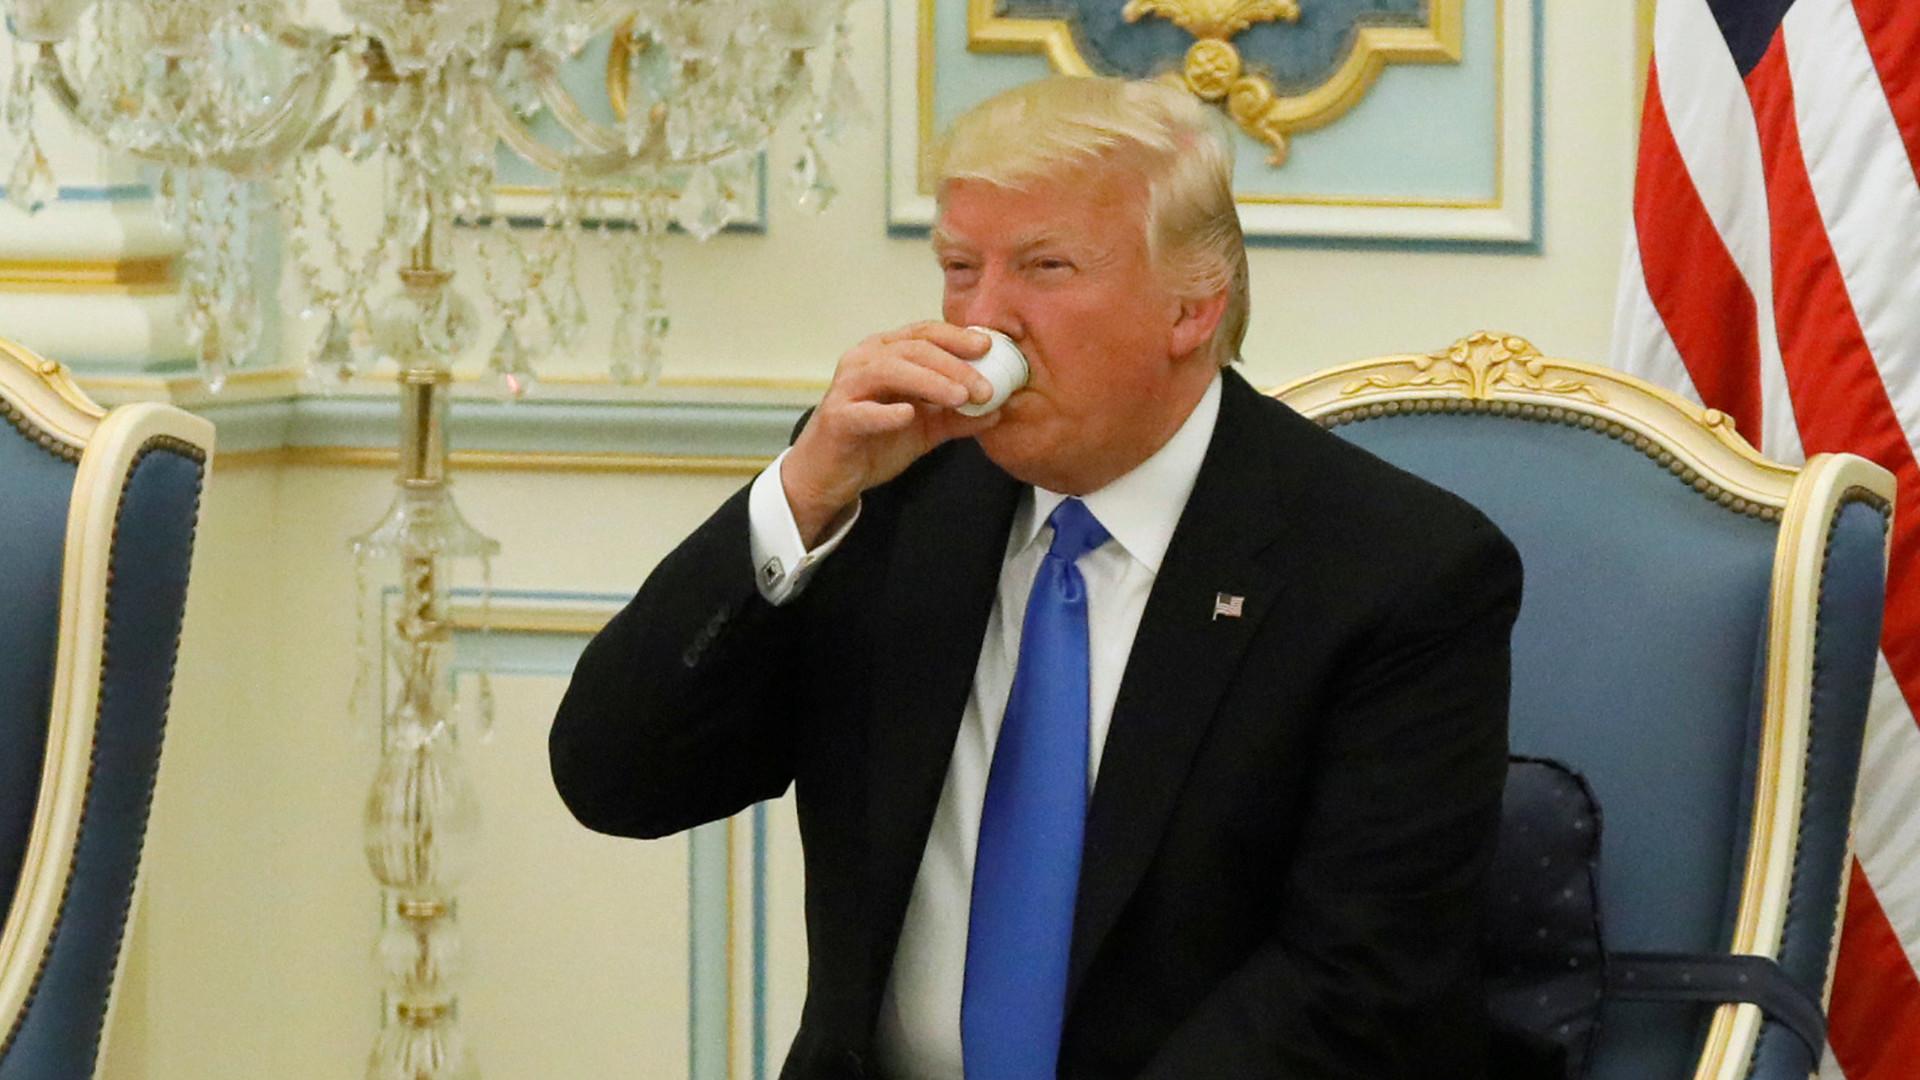 Утренний covfefe: Трамп снова удивил всех необычным твитом